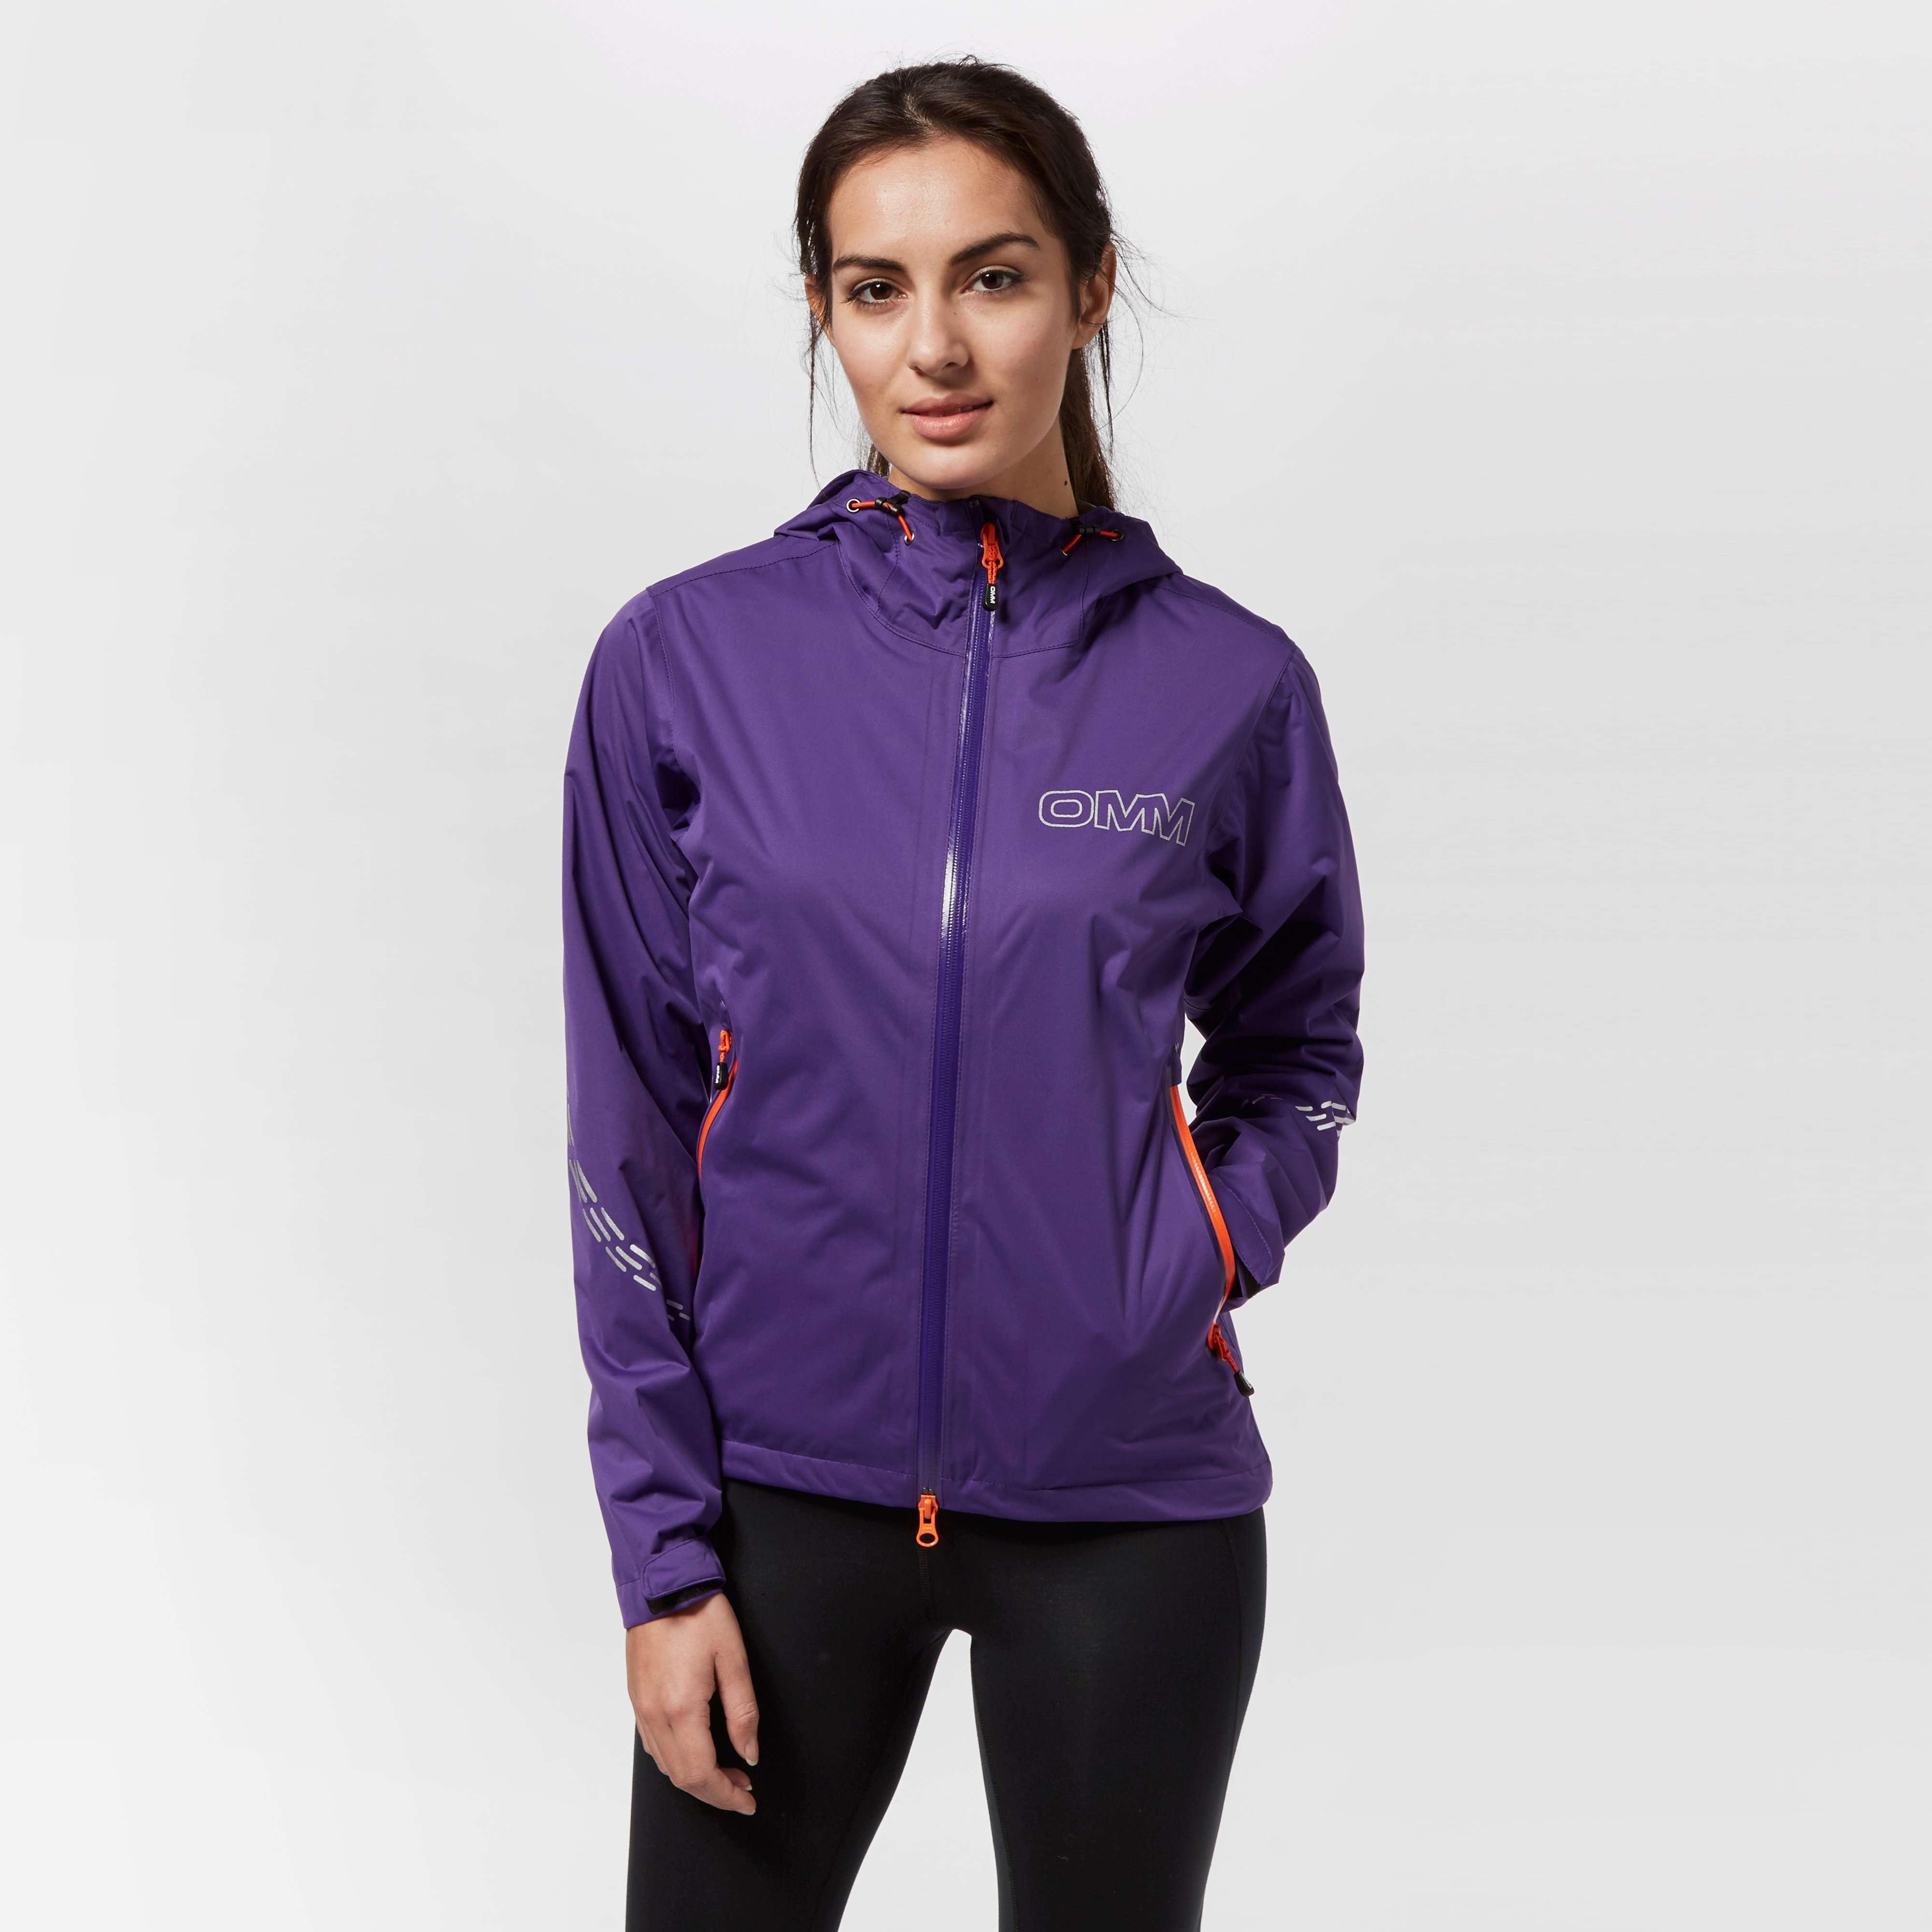 OMM Women's Kamleika II Race Jacket